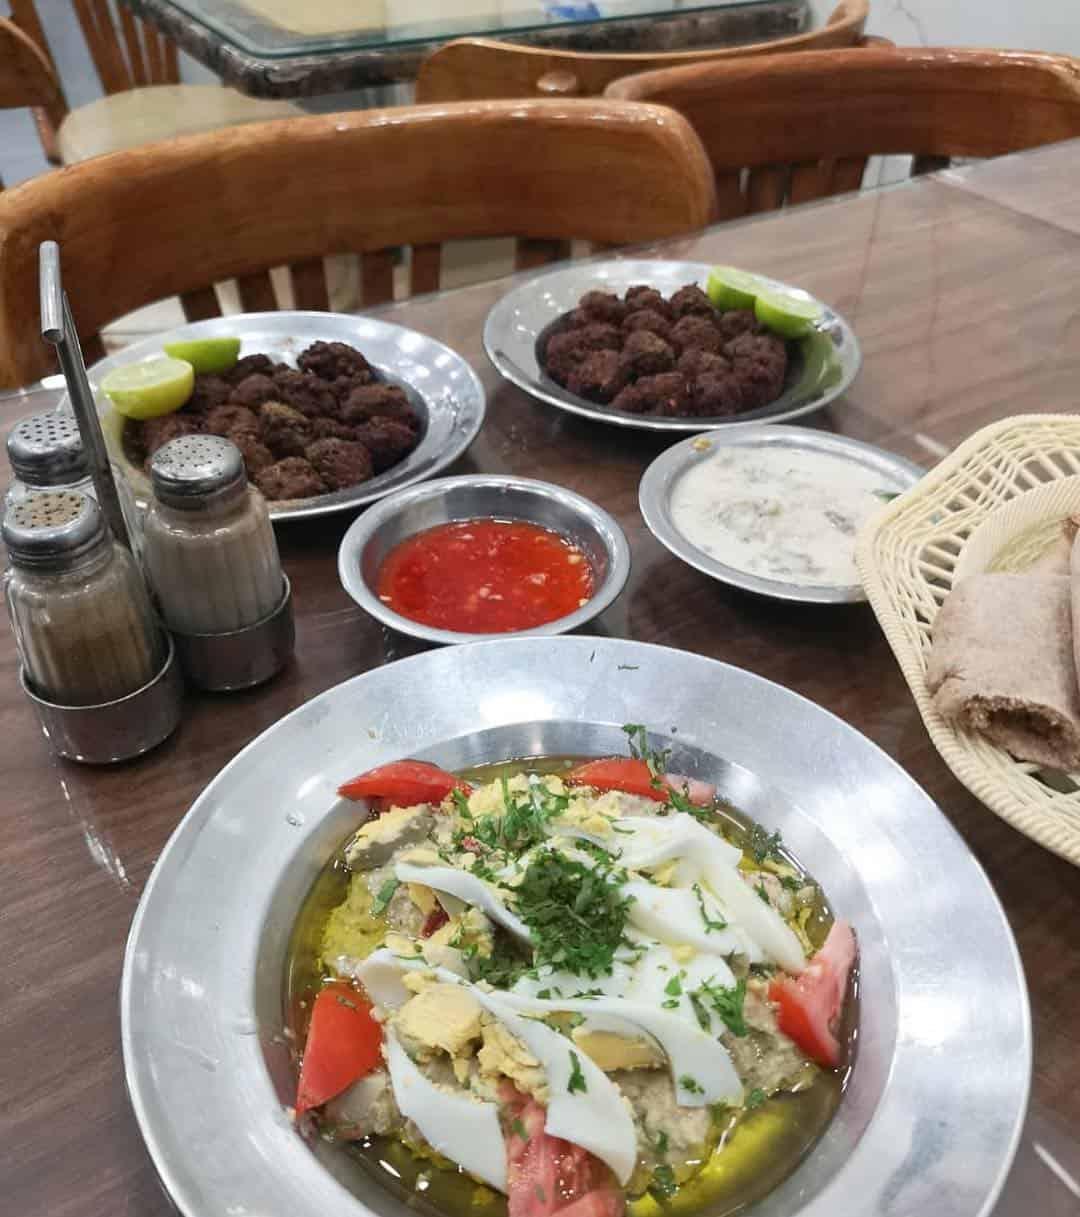 مطعم جنوب شرق اسيا في مكه المكرمه